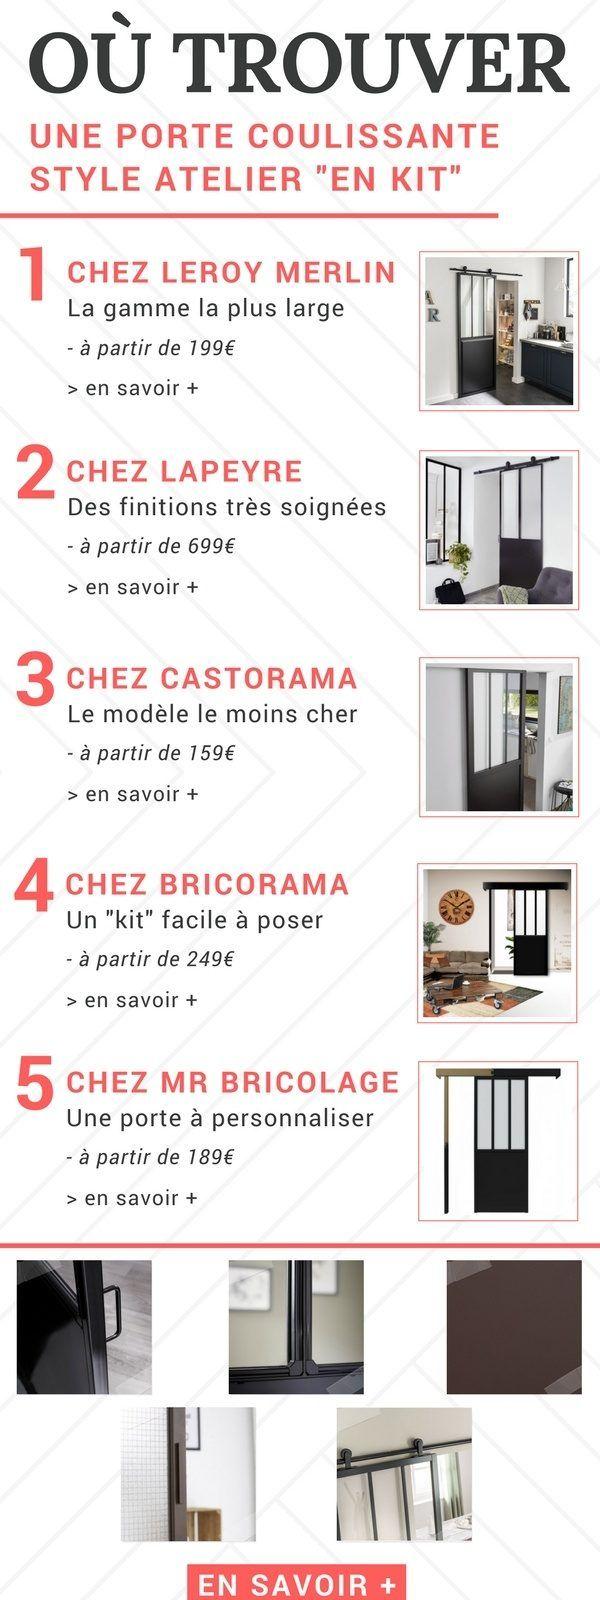 Où Trouver Une Porte Coulissante Atelier Style Verrière ? http://www.homelisty.com/porte-coulissante-atelier-verriere/